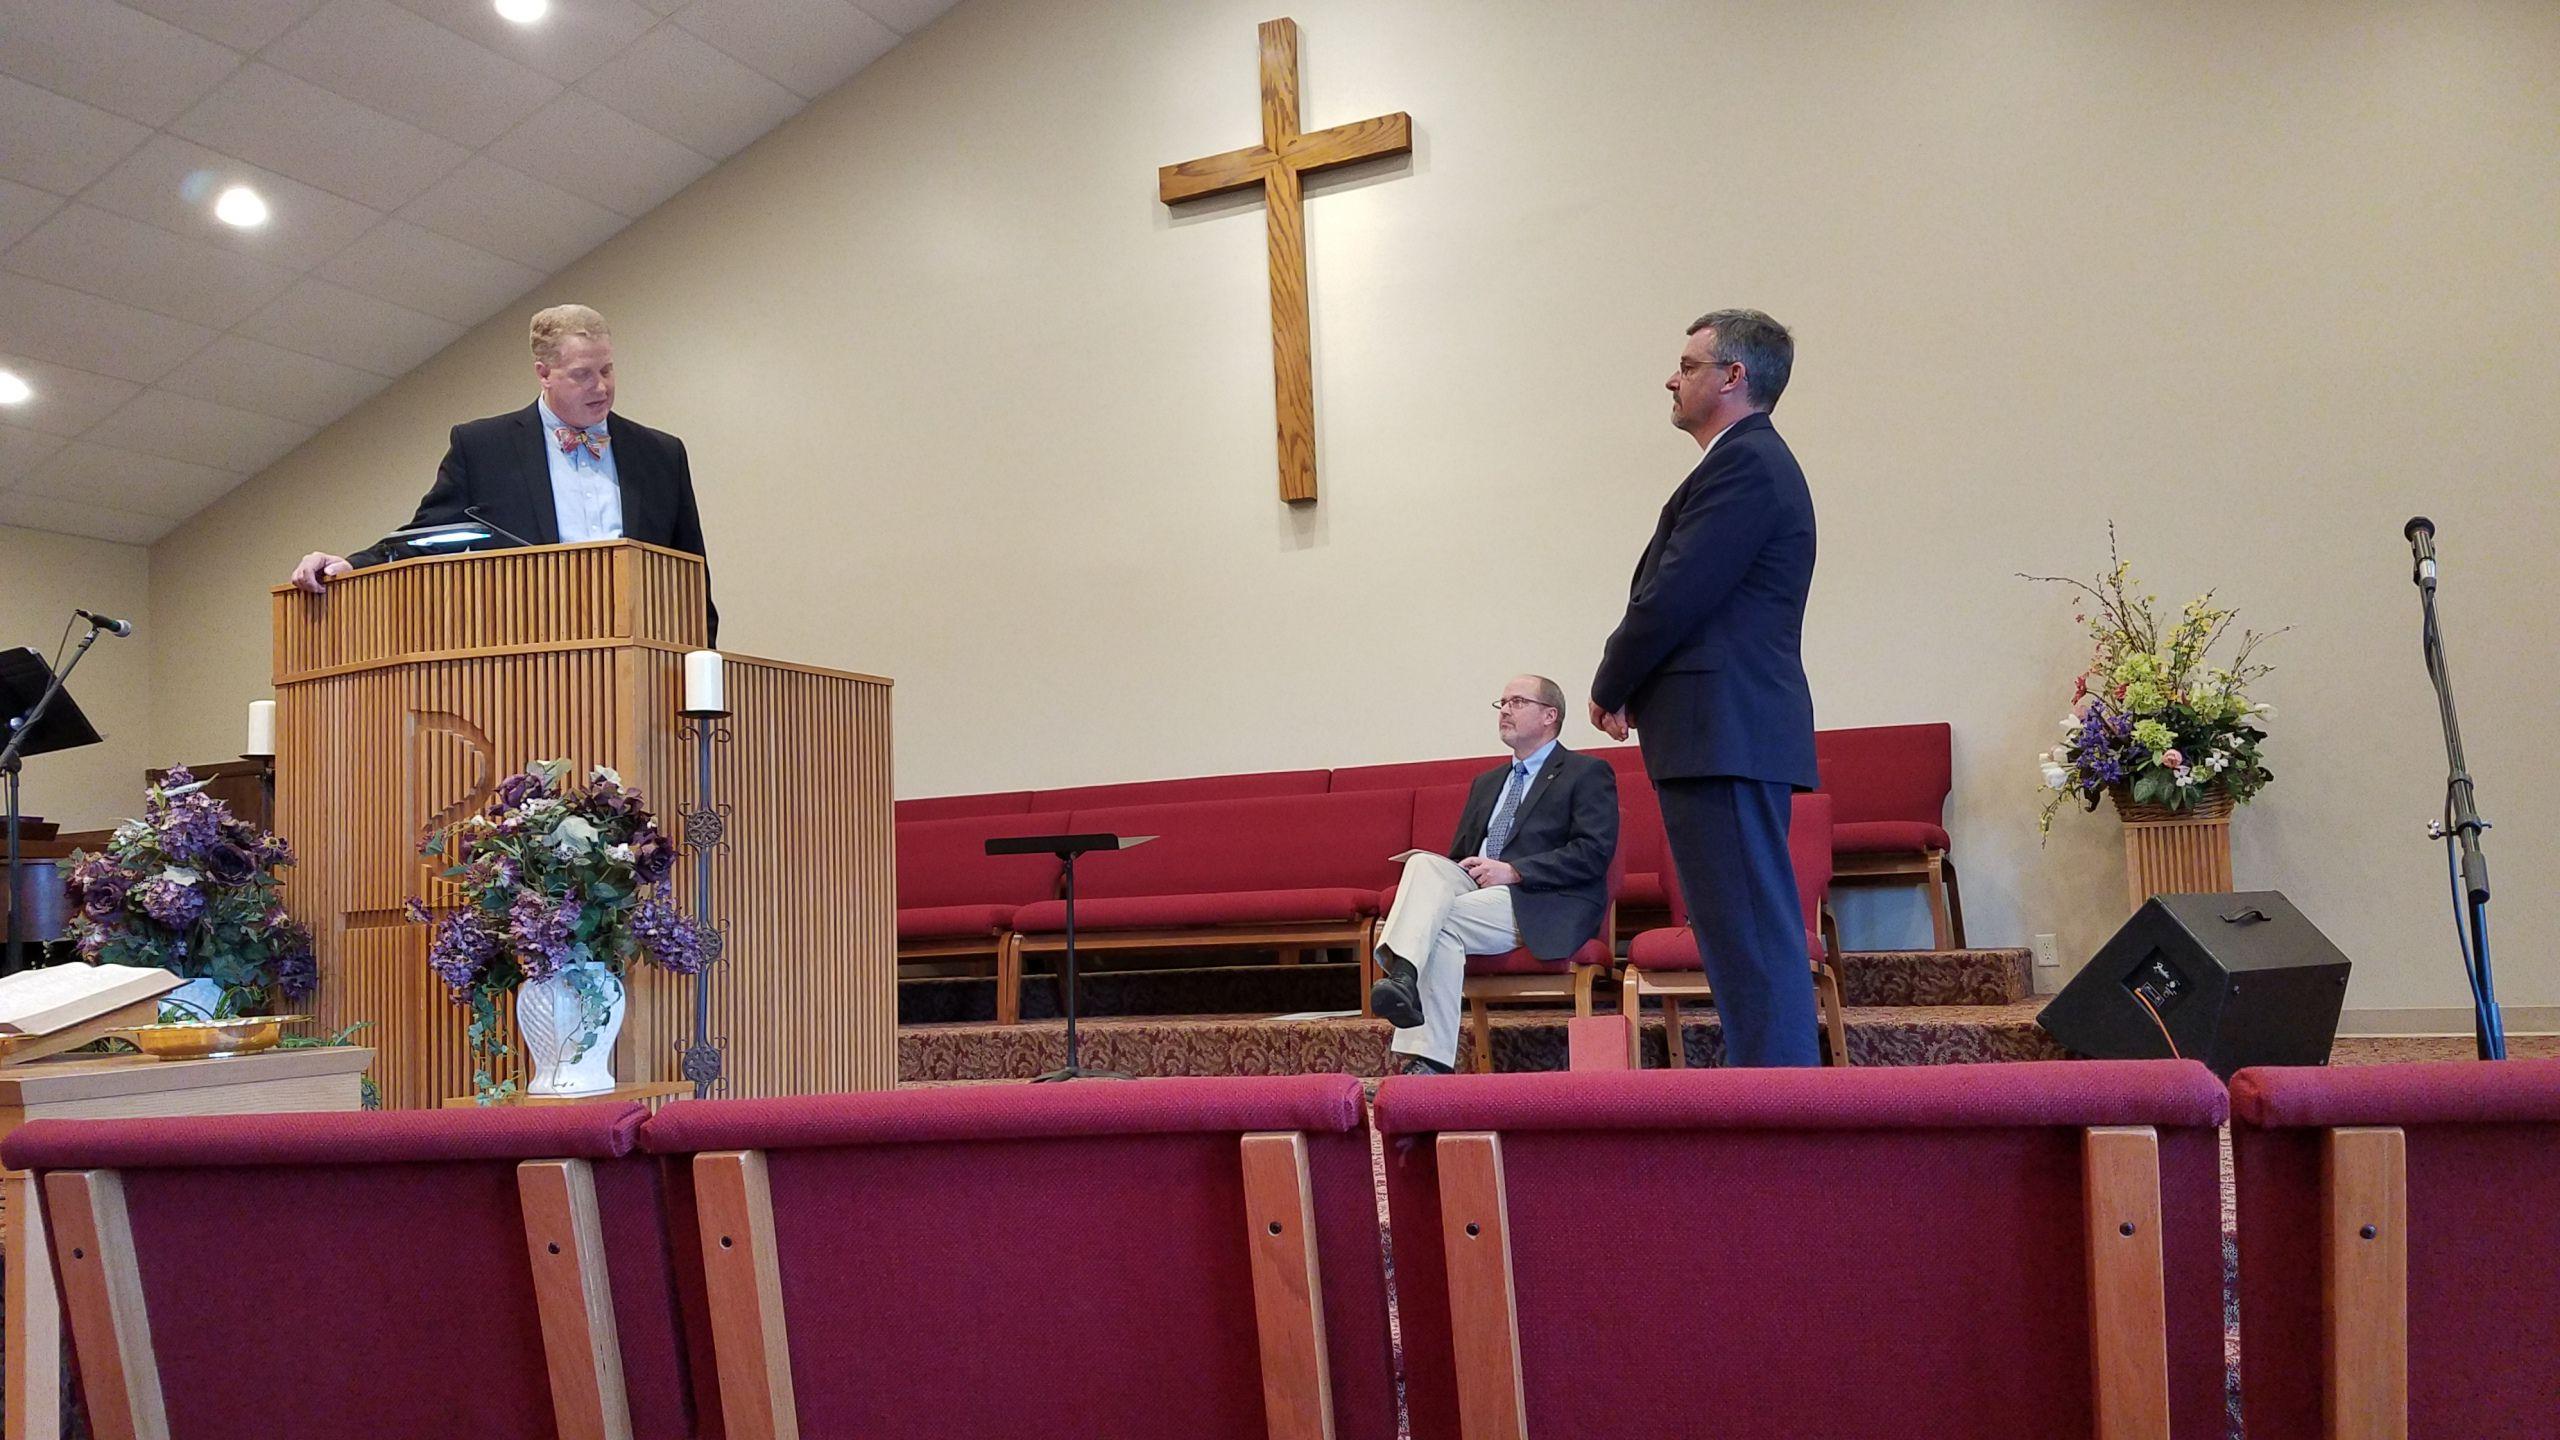 Rev John Dunning giving charge Reverend Tim